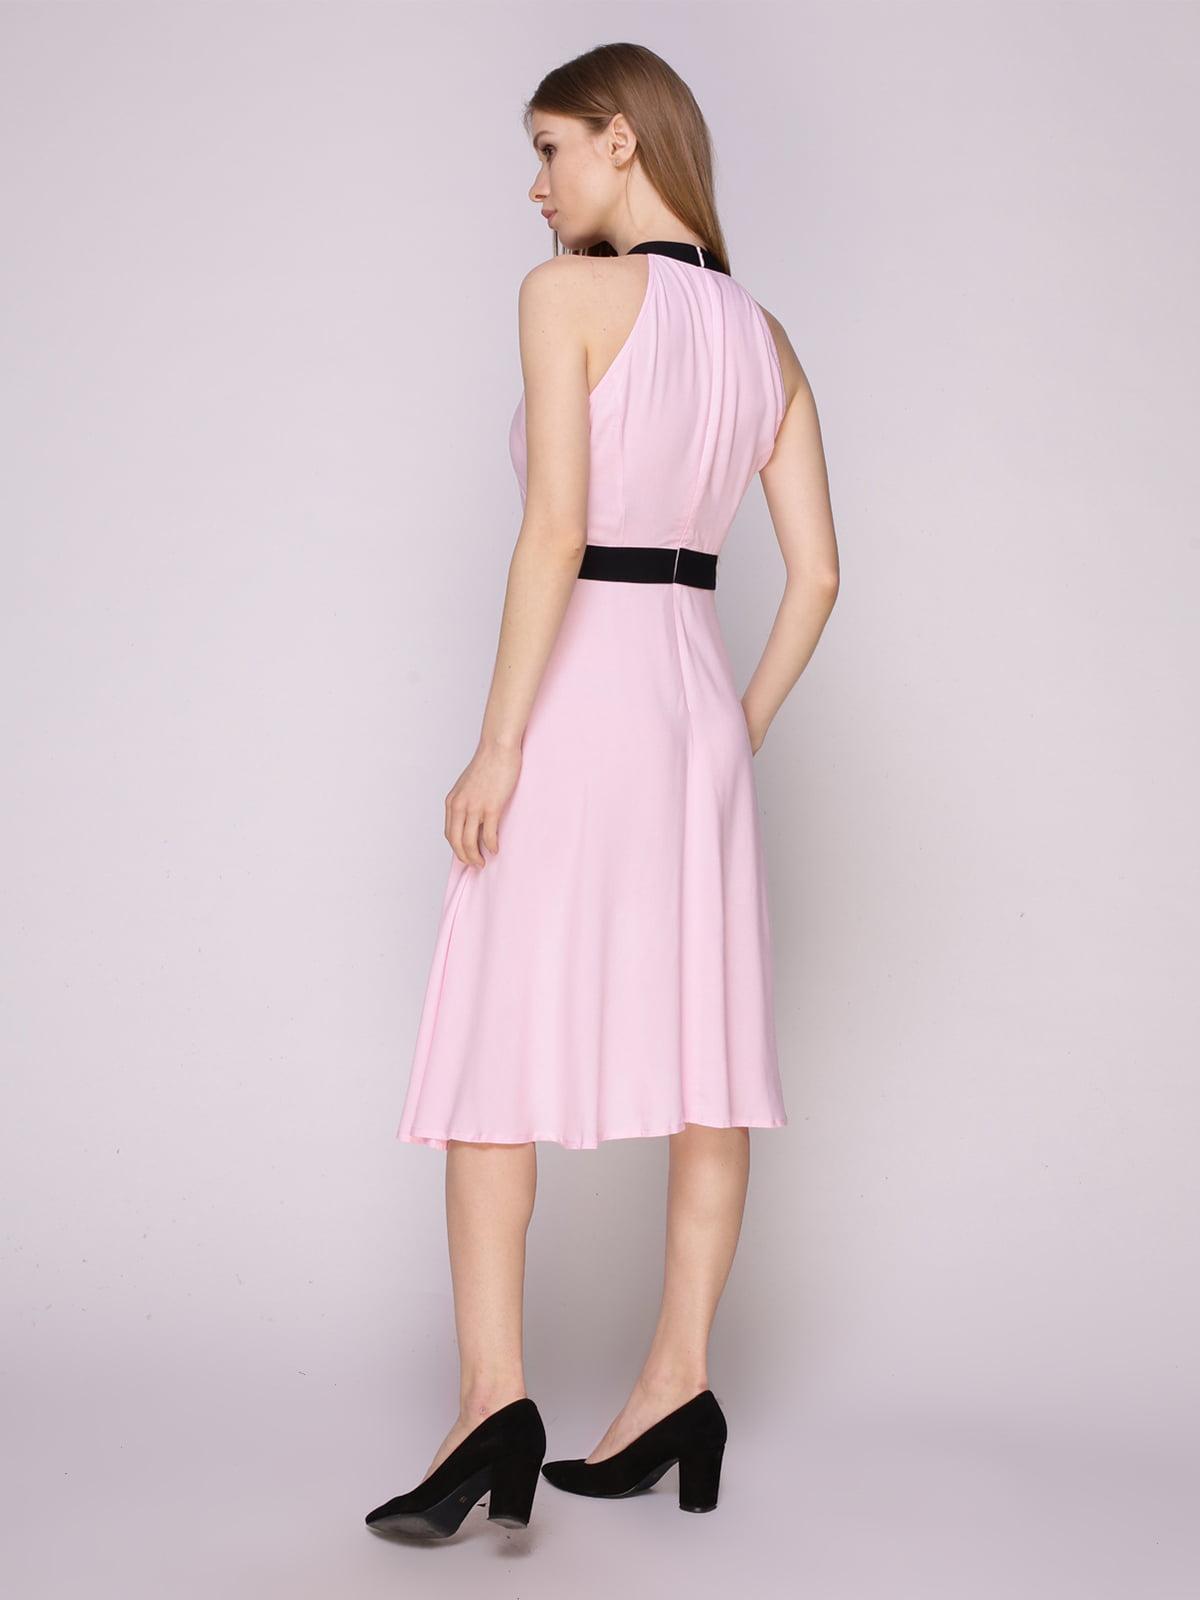 Платье нежно-розовое | 5029857 | фото 2